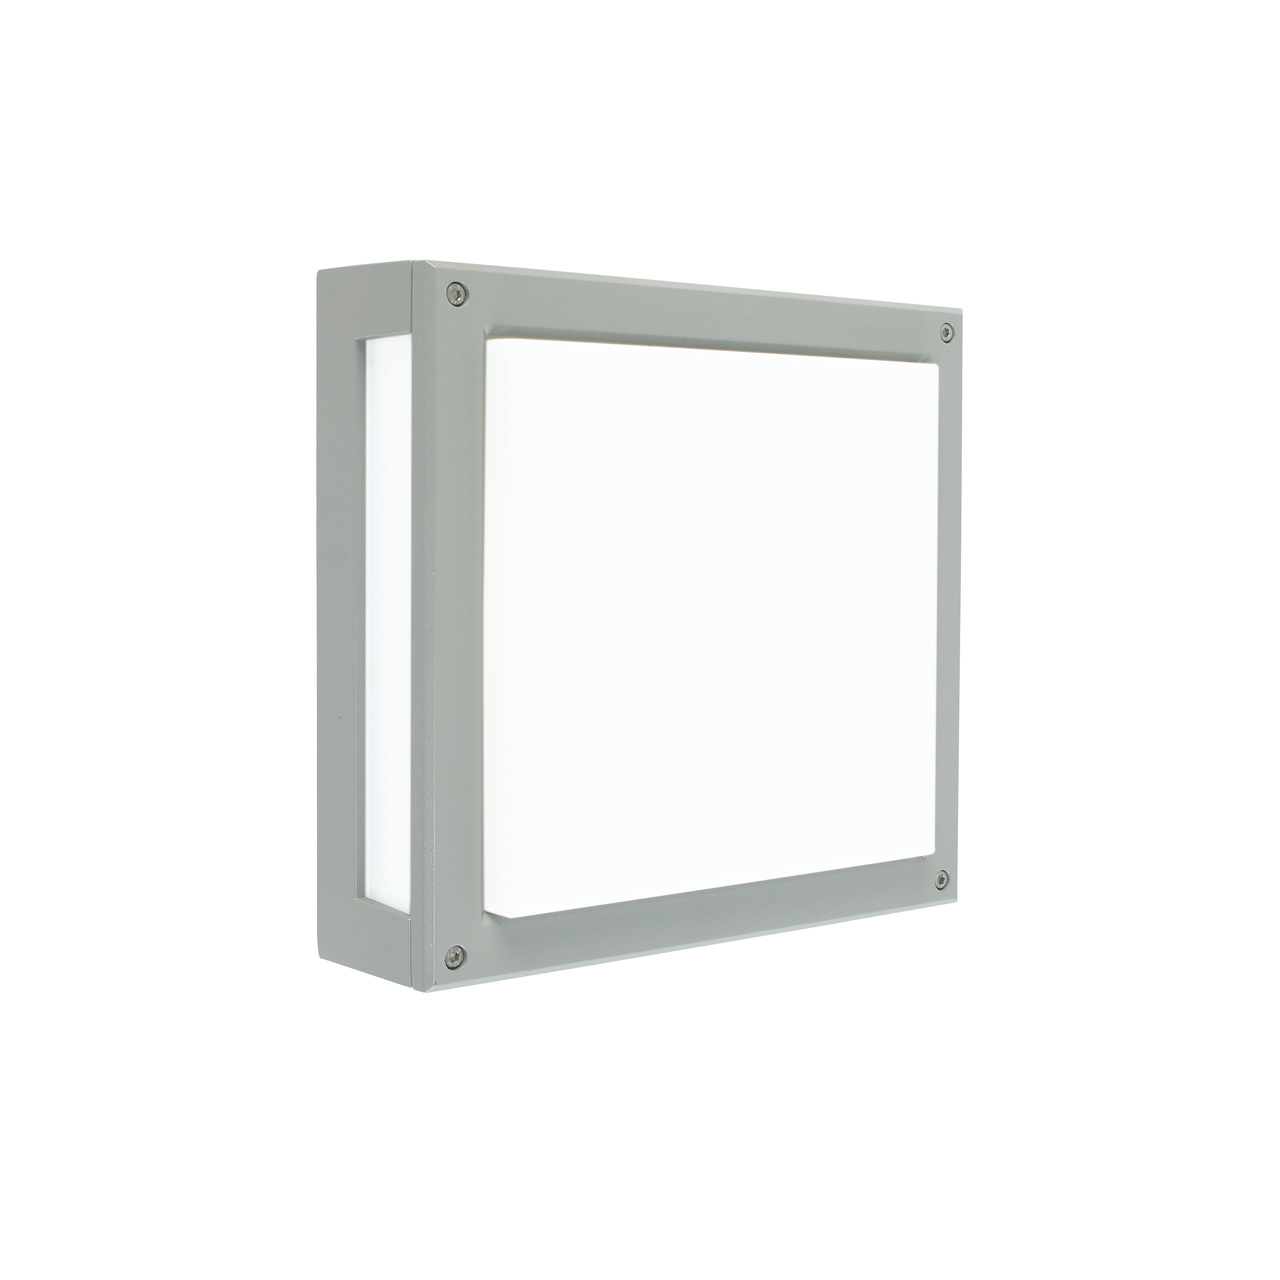 Lampa ścienna NORDLAND LED 718AL -Norlys  SPRAWDŹ RABATY  5-10-15-20 % w koszyku